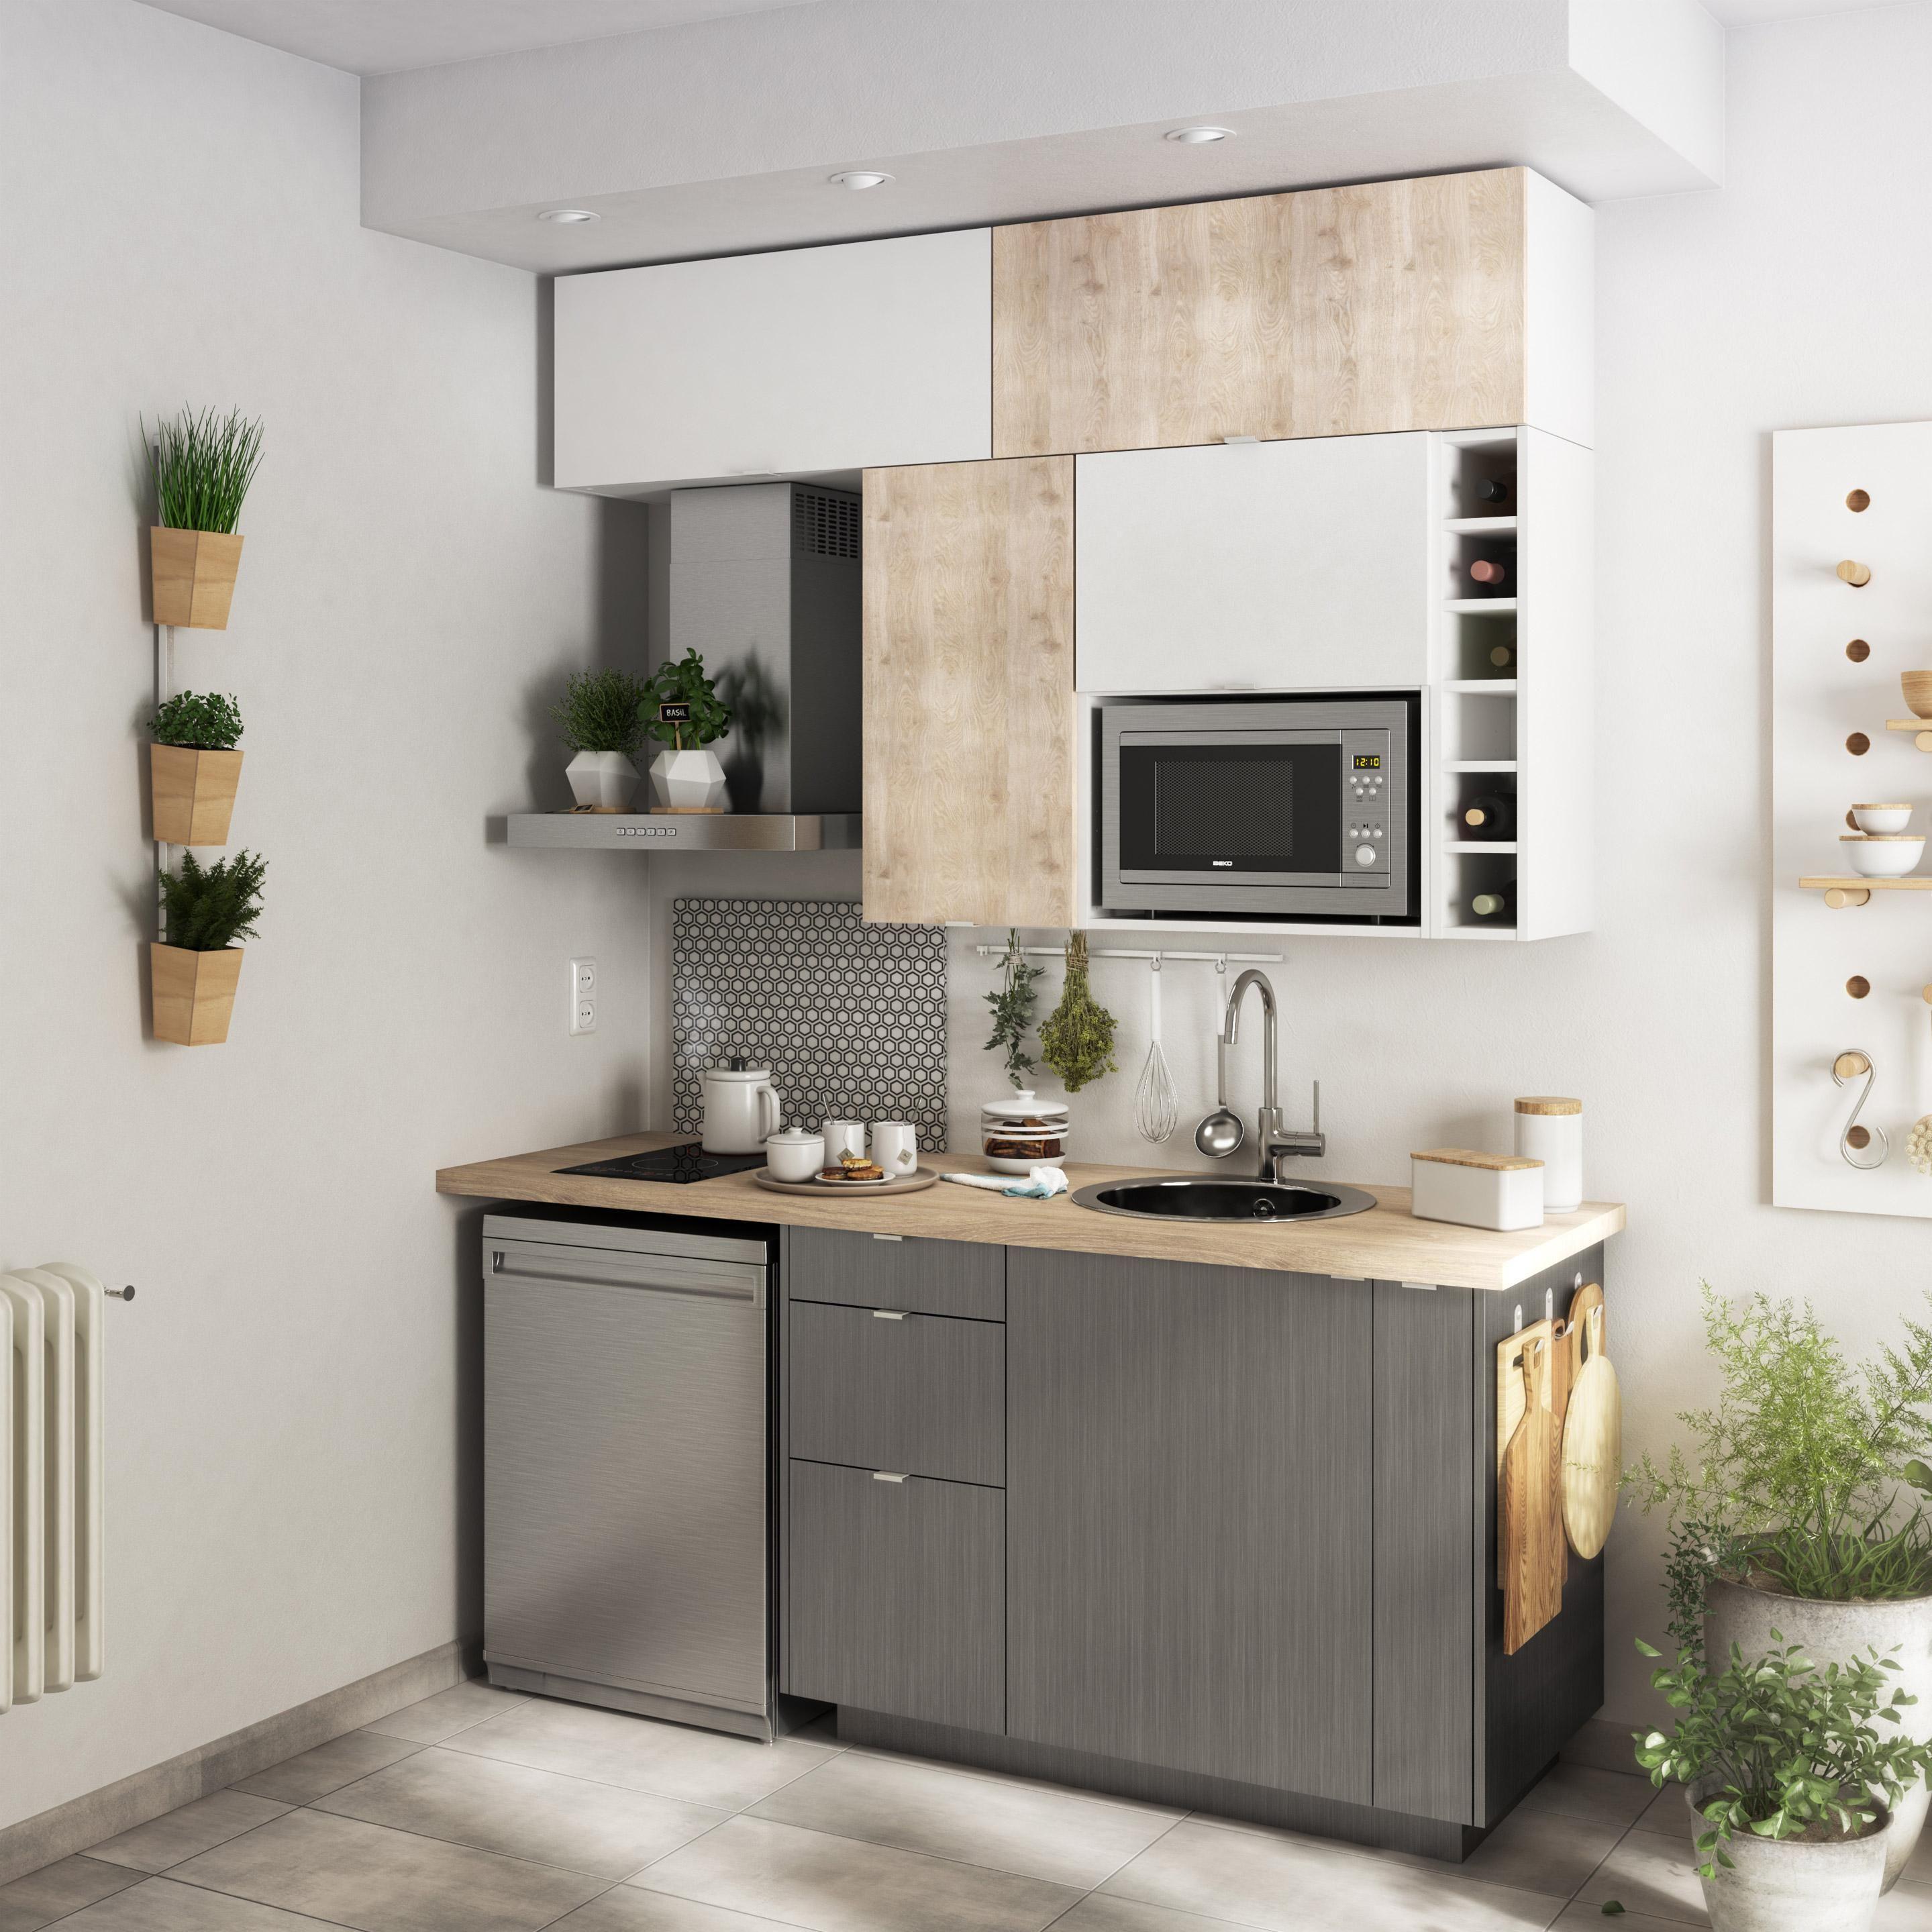 Cuisine Équipée Dans Petit Espace cuisine équipée detroit delinia id en 2020 | cuisine studio